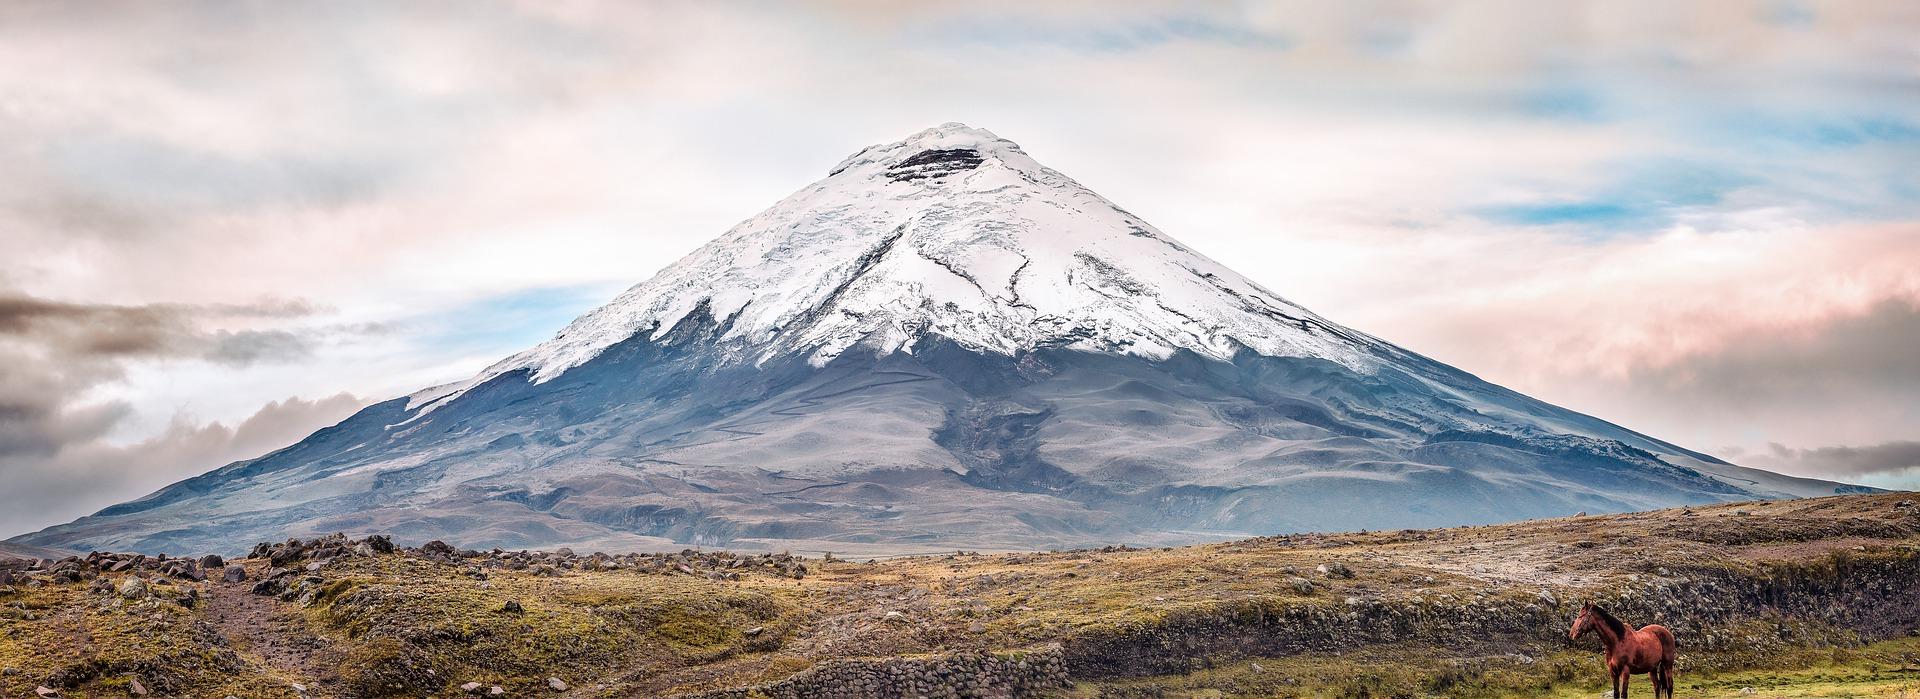 Ecuador Travel Tips, things to know before visiting Ecuador, facts about Ecuador